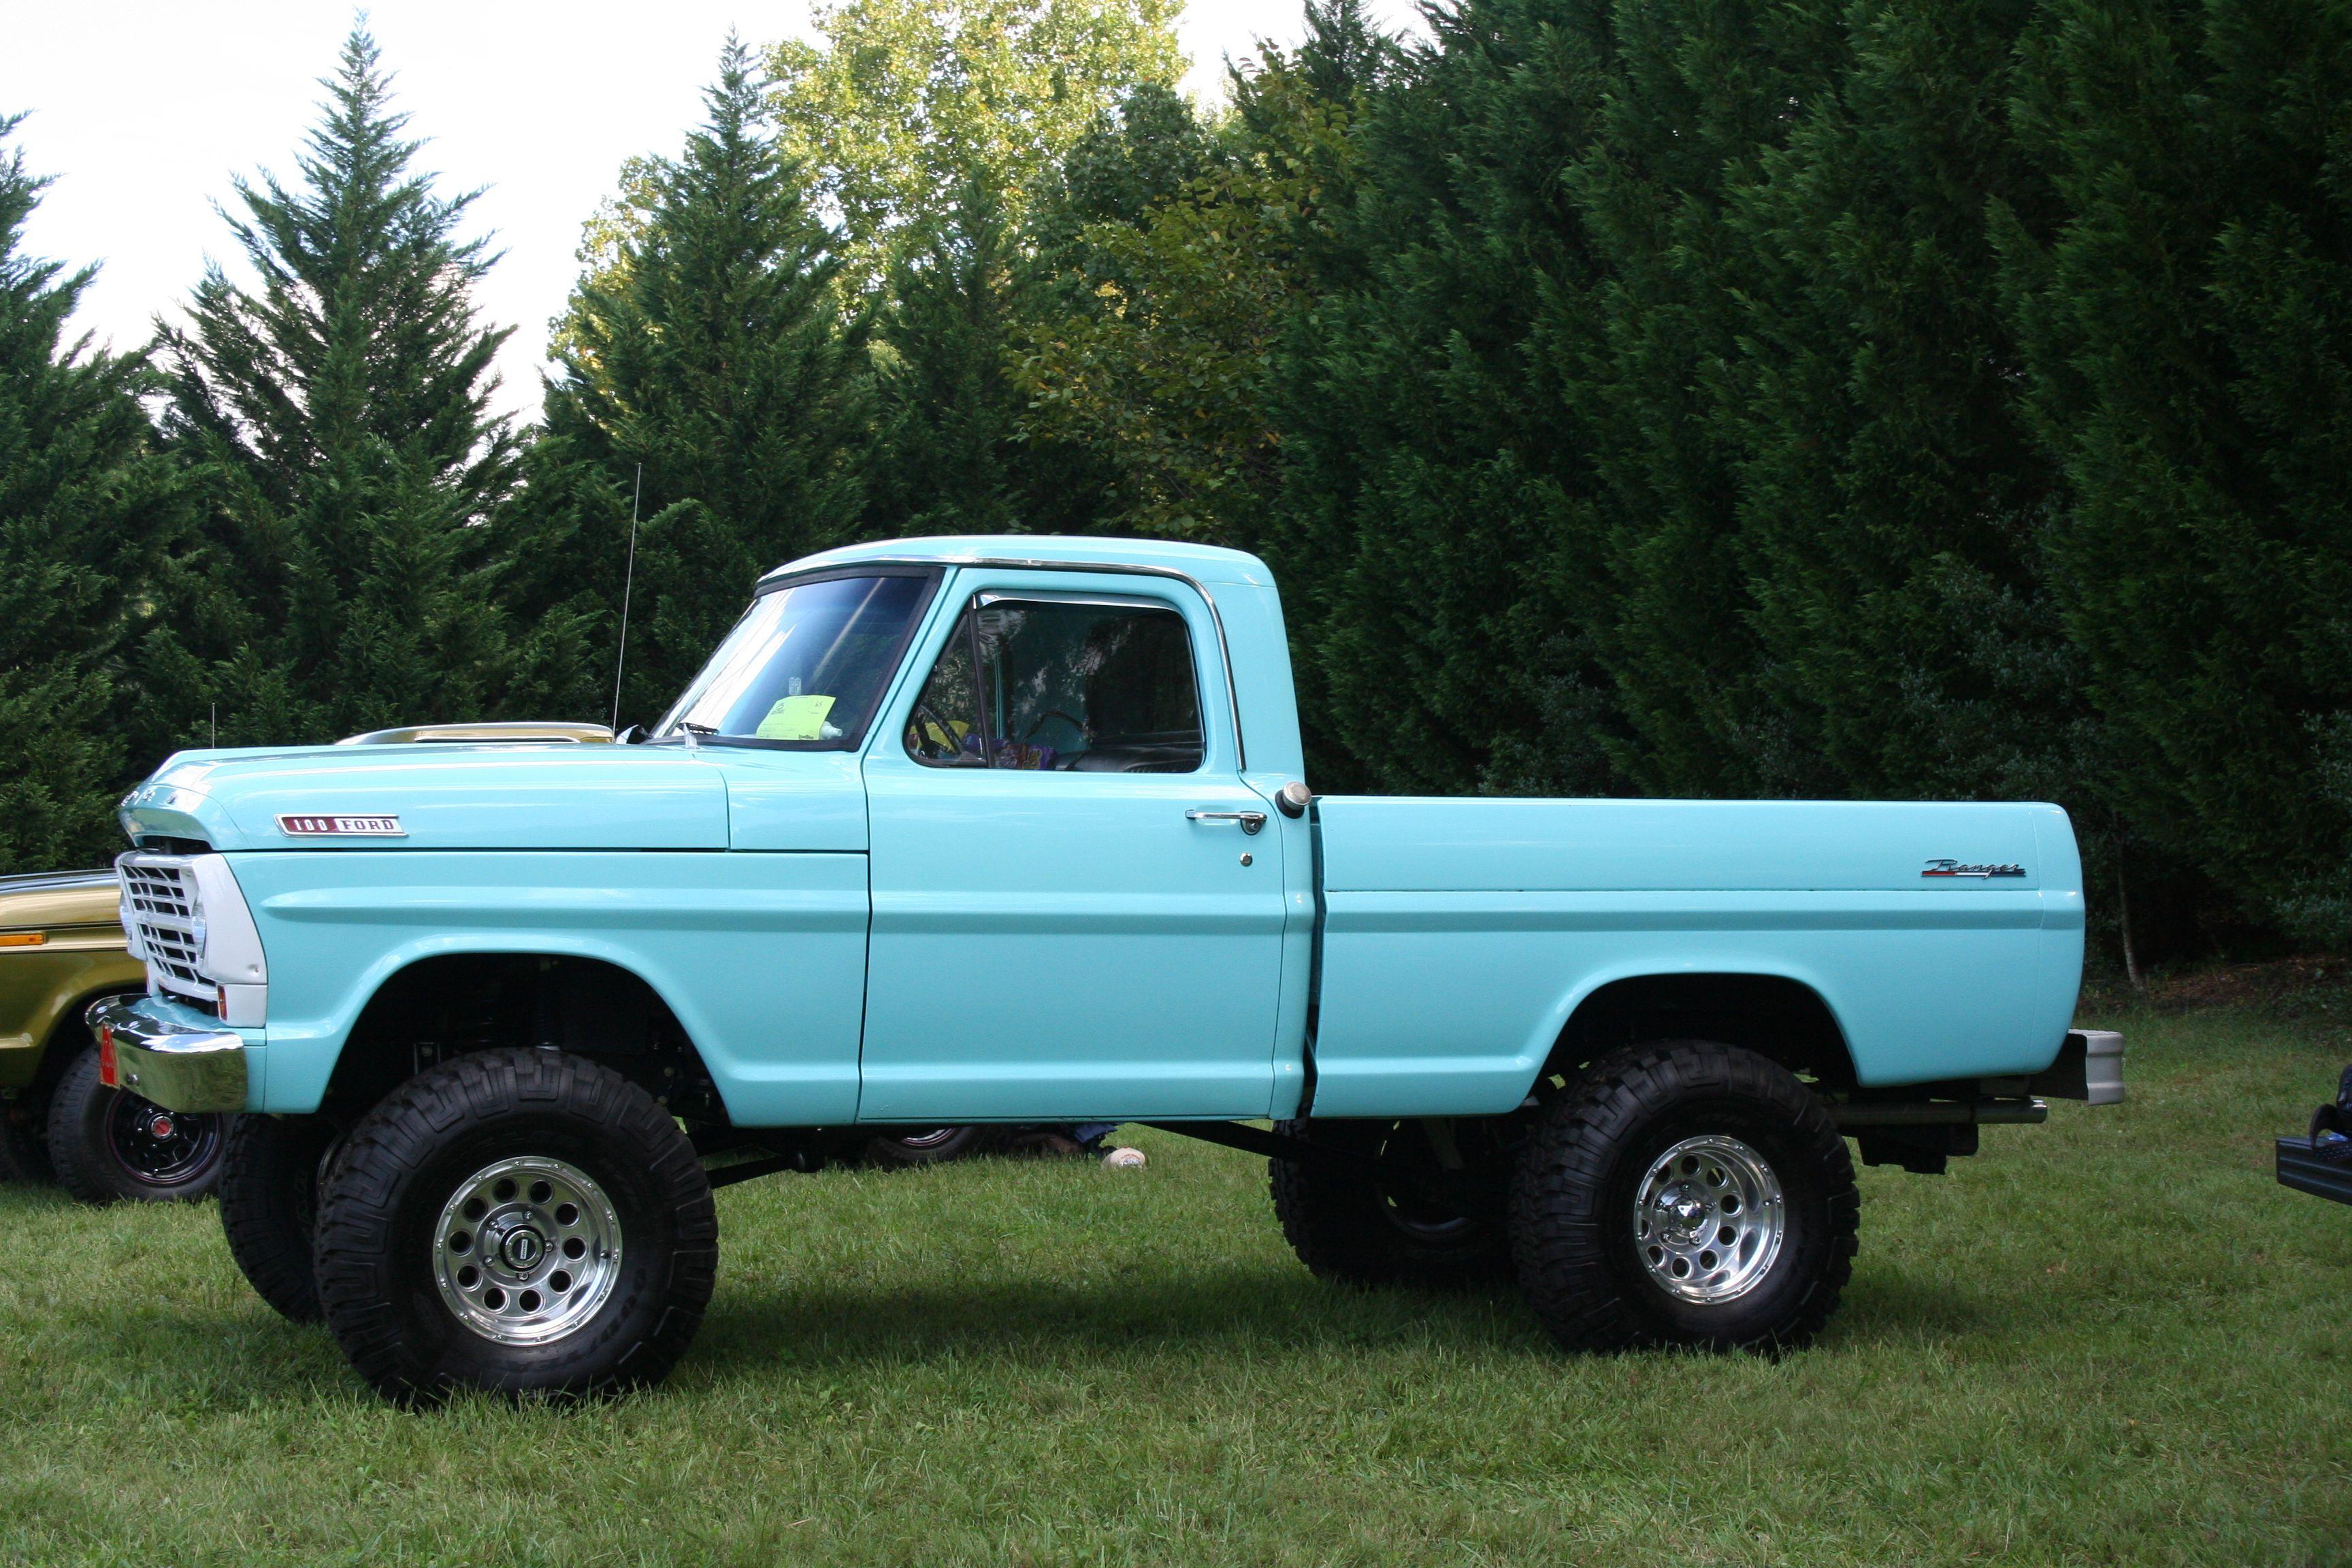 1967 F100 4X4 | TRUCKS | Lifted ford trucks, Old ford ...  1967 F100 4X4 |...